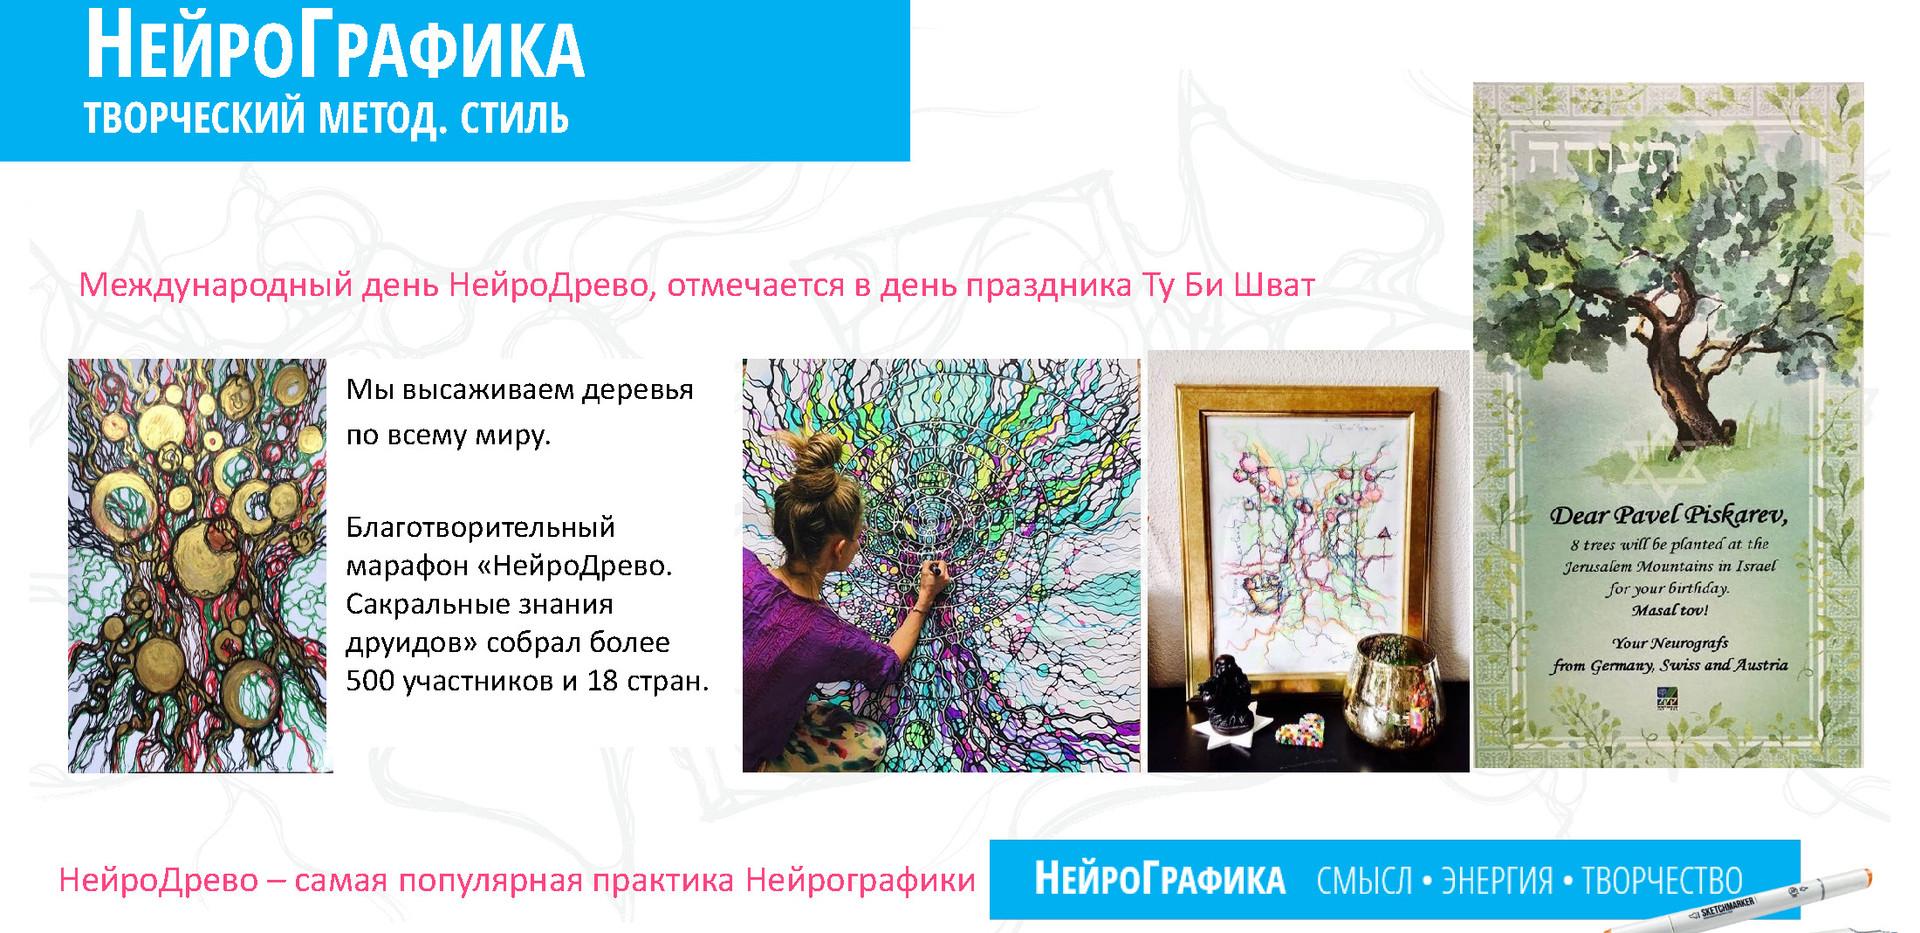 НейроГафикаBIG (1)_Страница_34.jpg